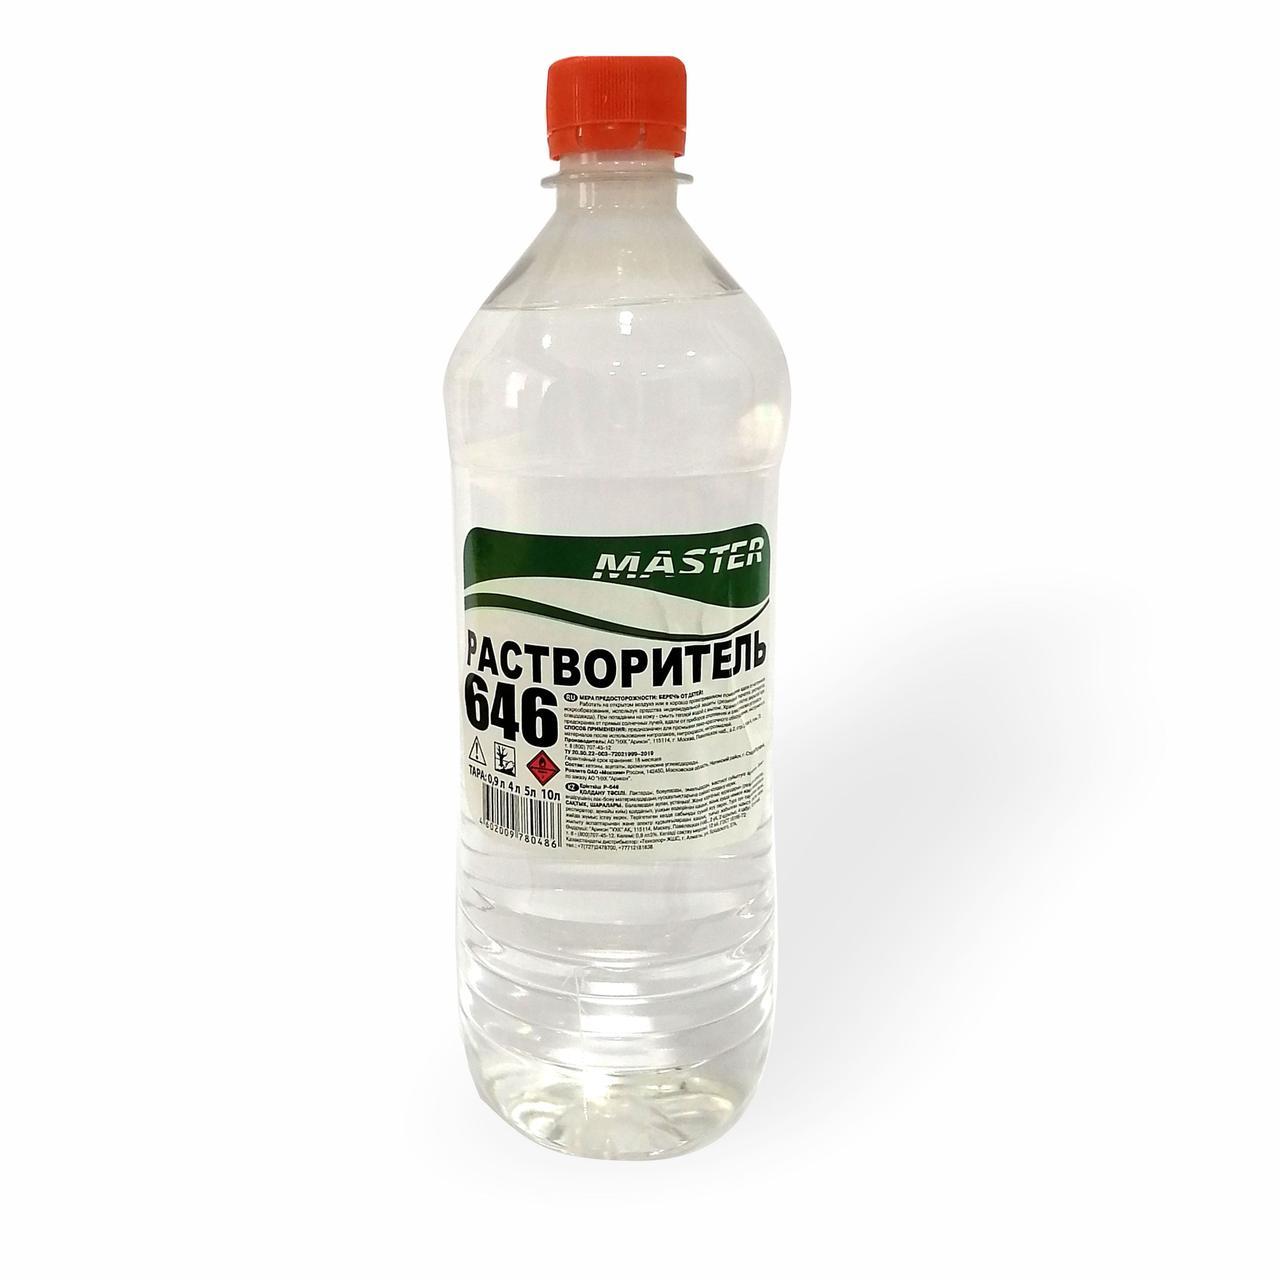 Растворитель Р-646, ТУ 20.30.22-003-7202199-2019 , в пластиковой бутылке (0,9л-0,72кг) зеленый